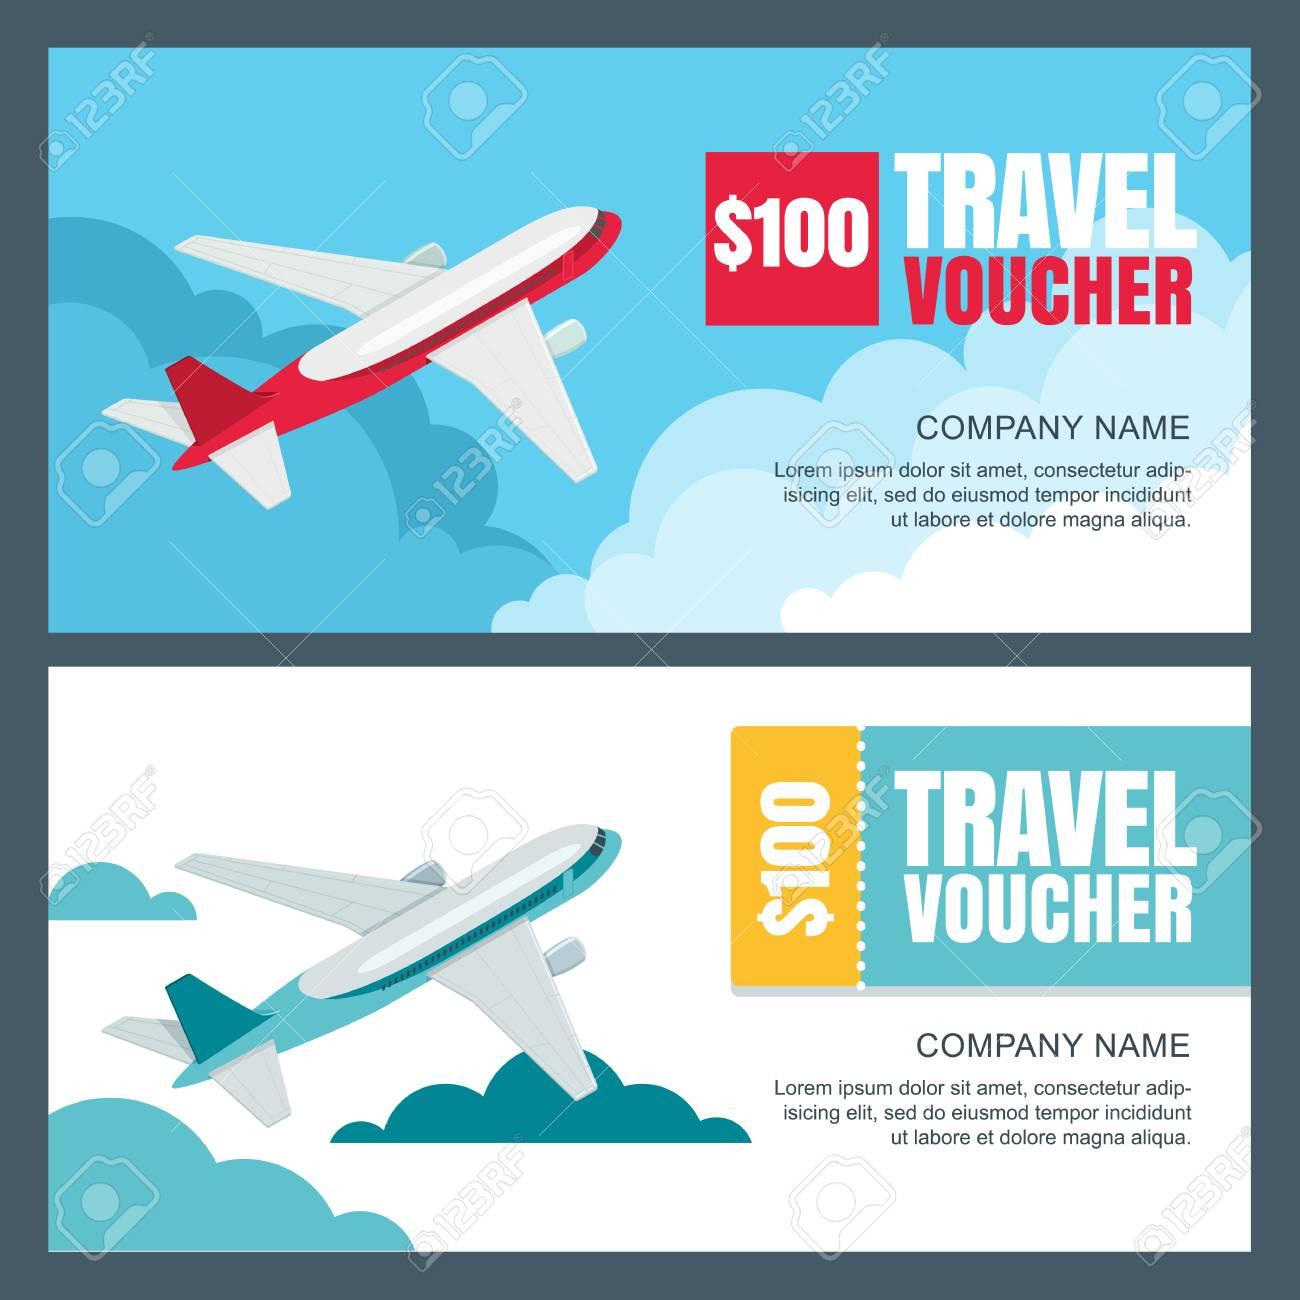 Vector Gift Travel Voucher Template 3d Isometric Illustration